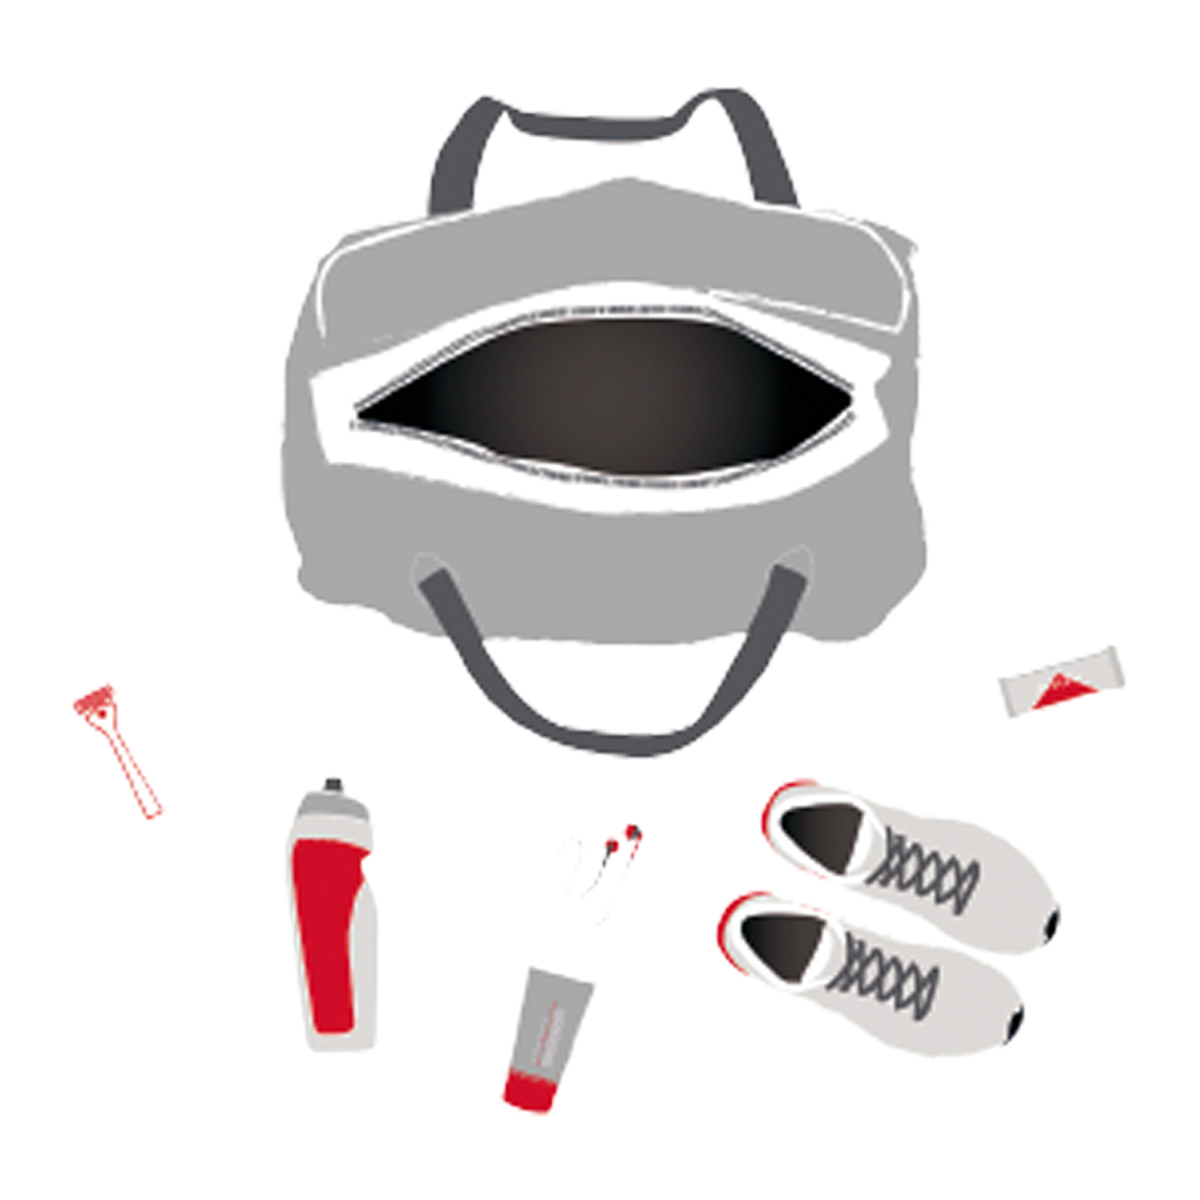 The Ultimate Gym Bag